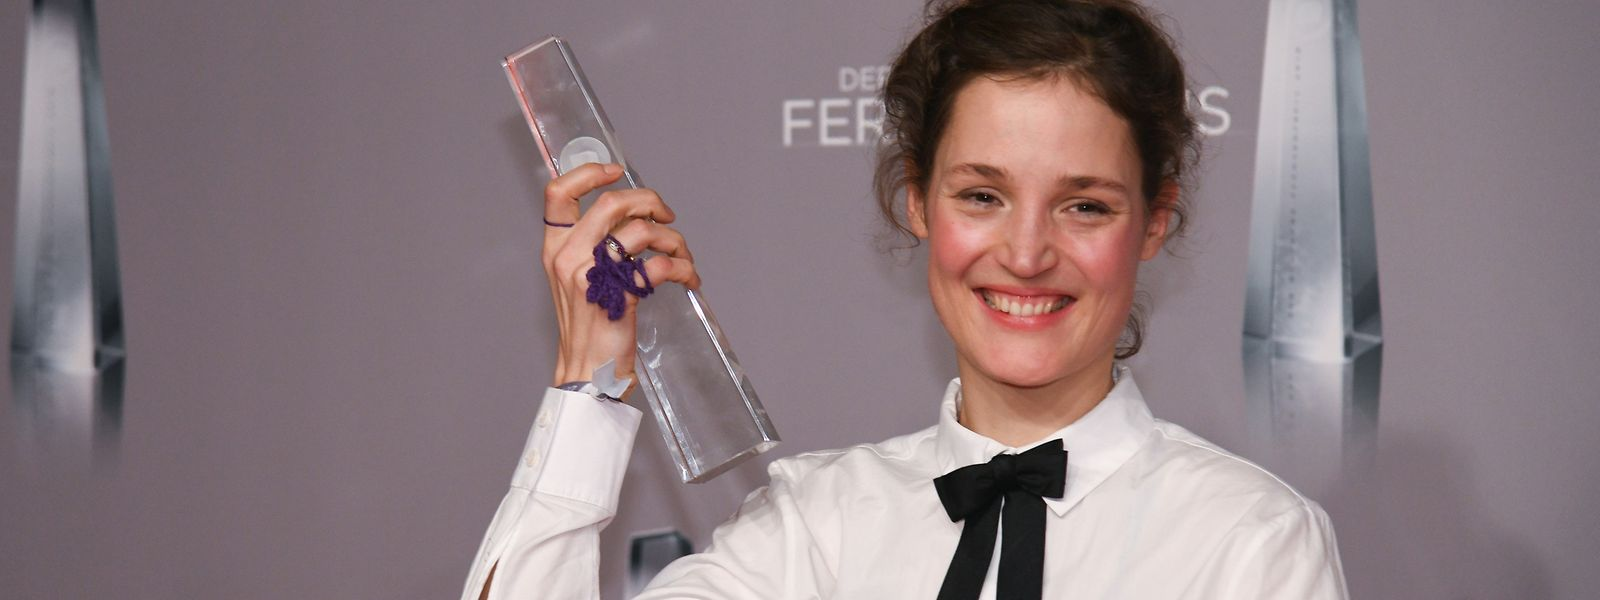 Vicky Krieps freut sich nach der Verleihung des Deutschen Fernsehpreises 2019 über die Auszeichnung.